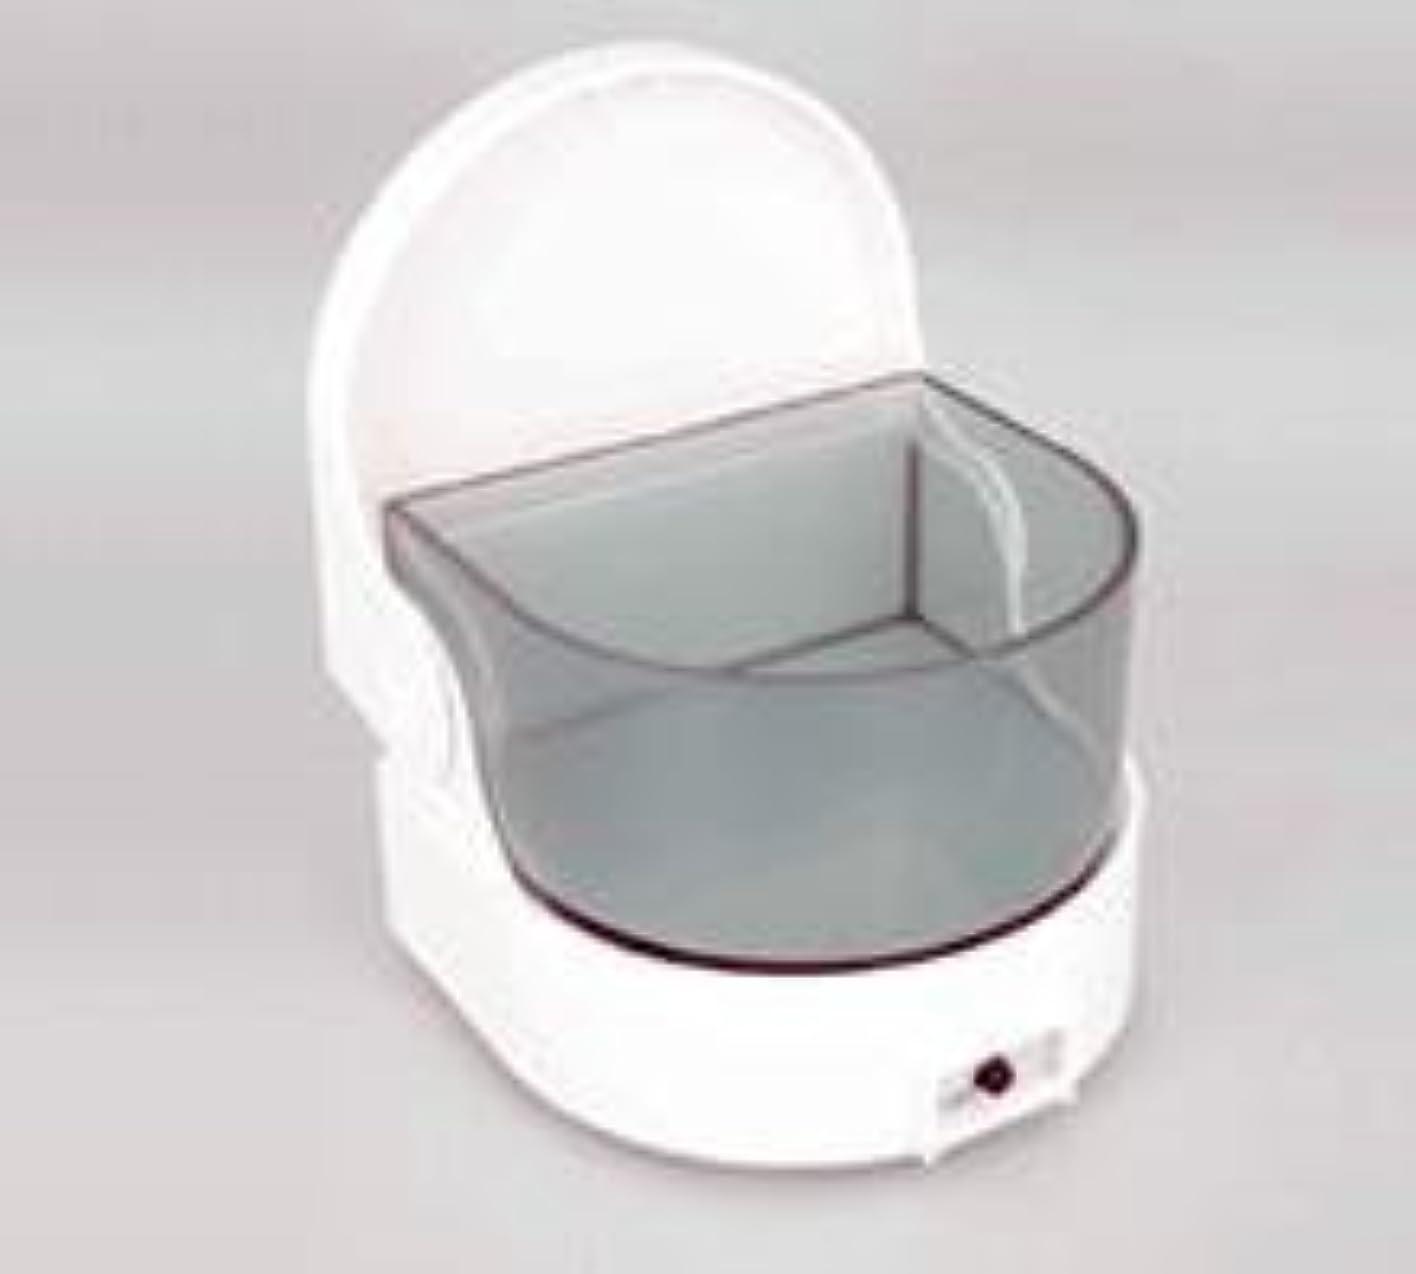 サリー言うまでもなく好戦的な義歯洗浄保存容器 ピュア デンチャークリーナー タイマー付